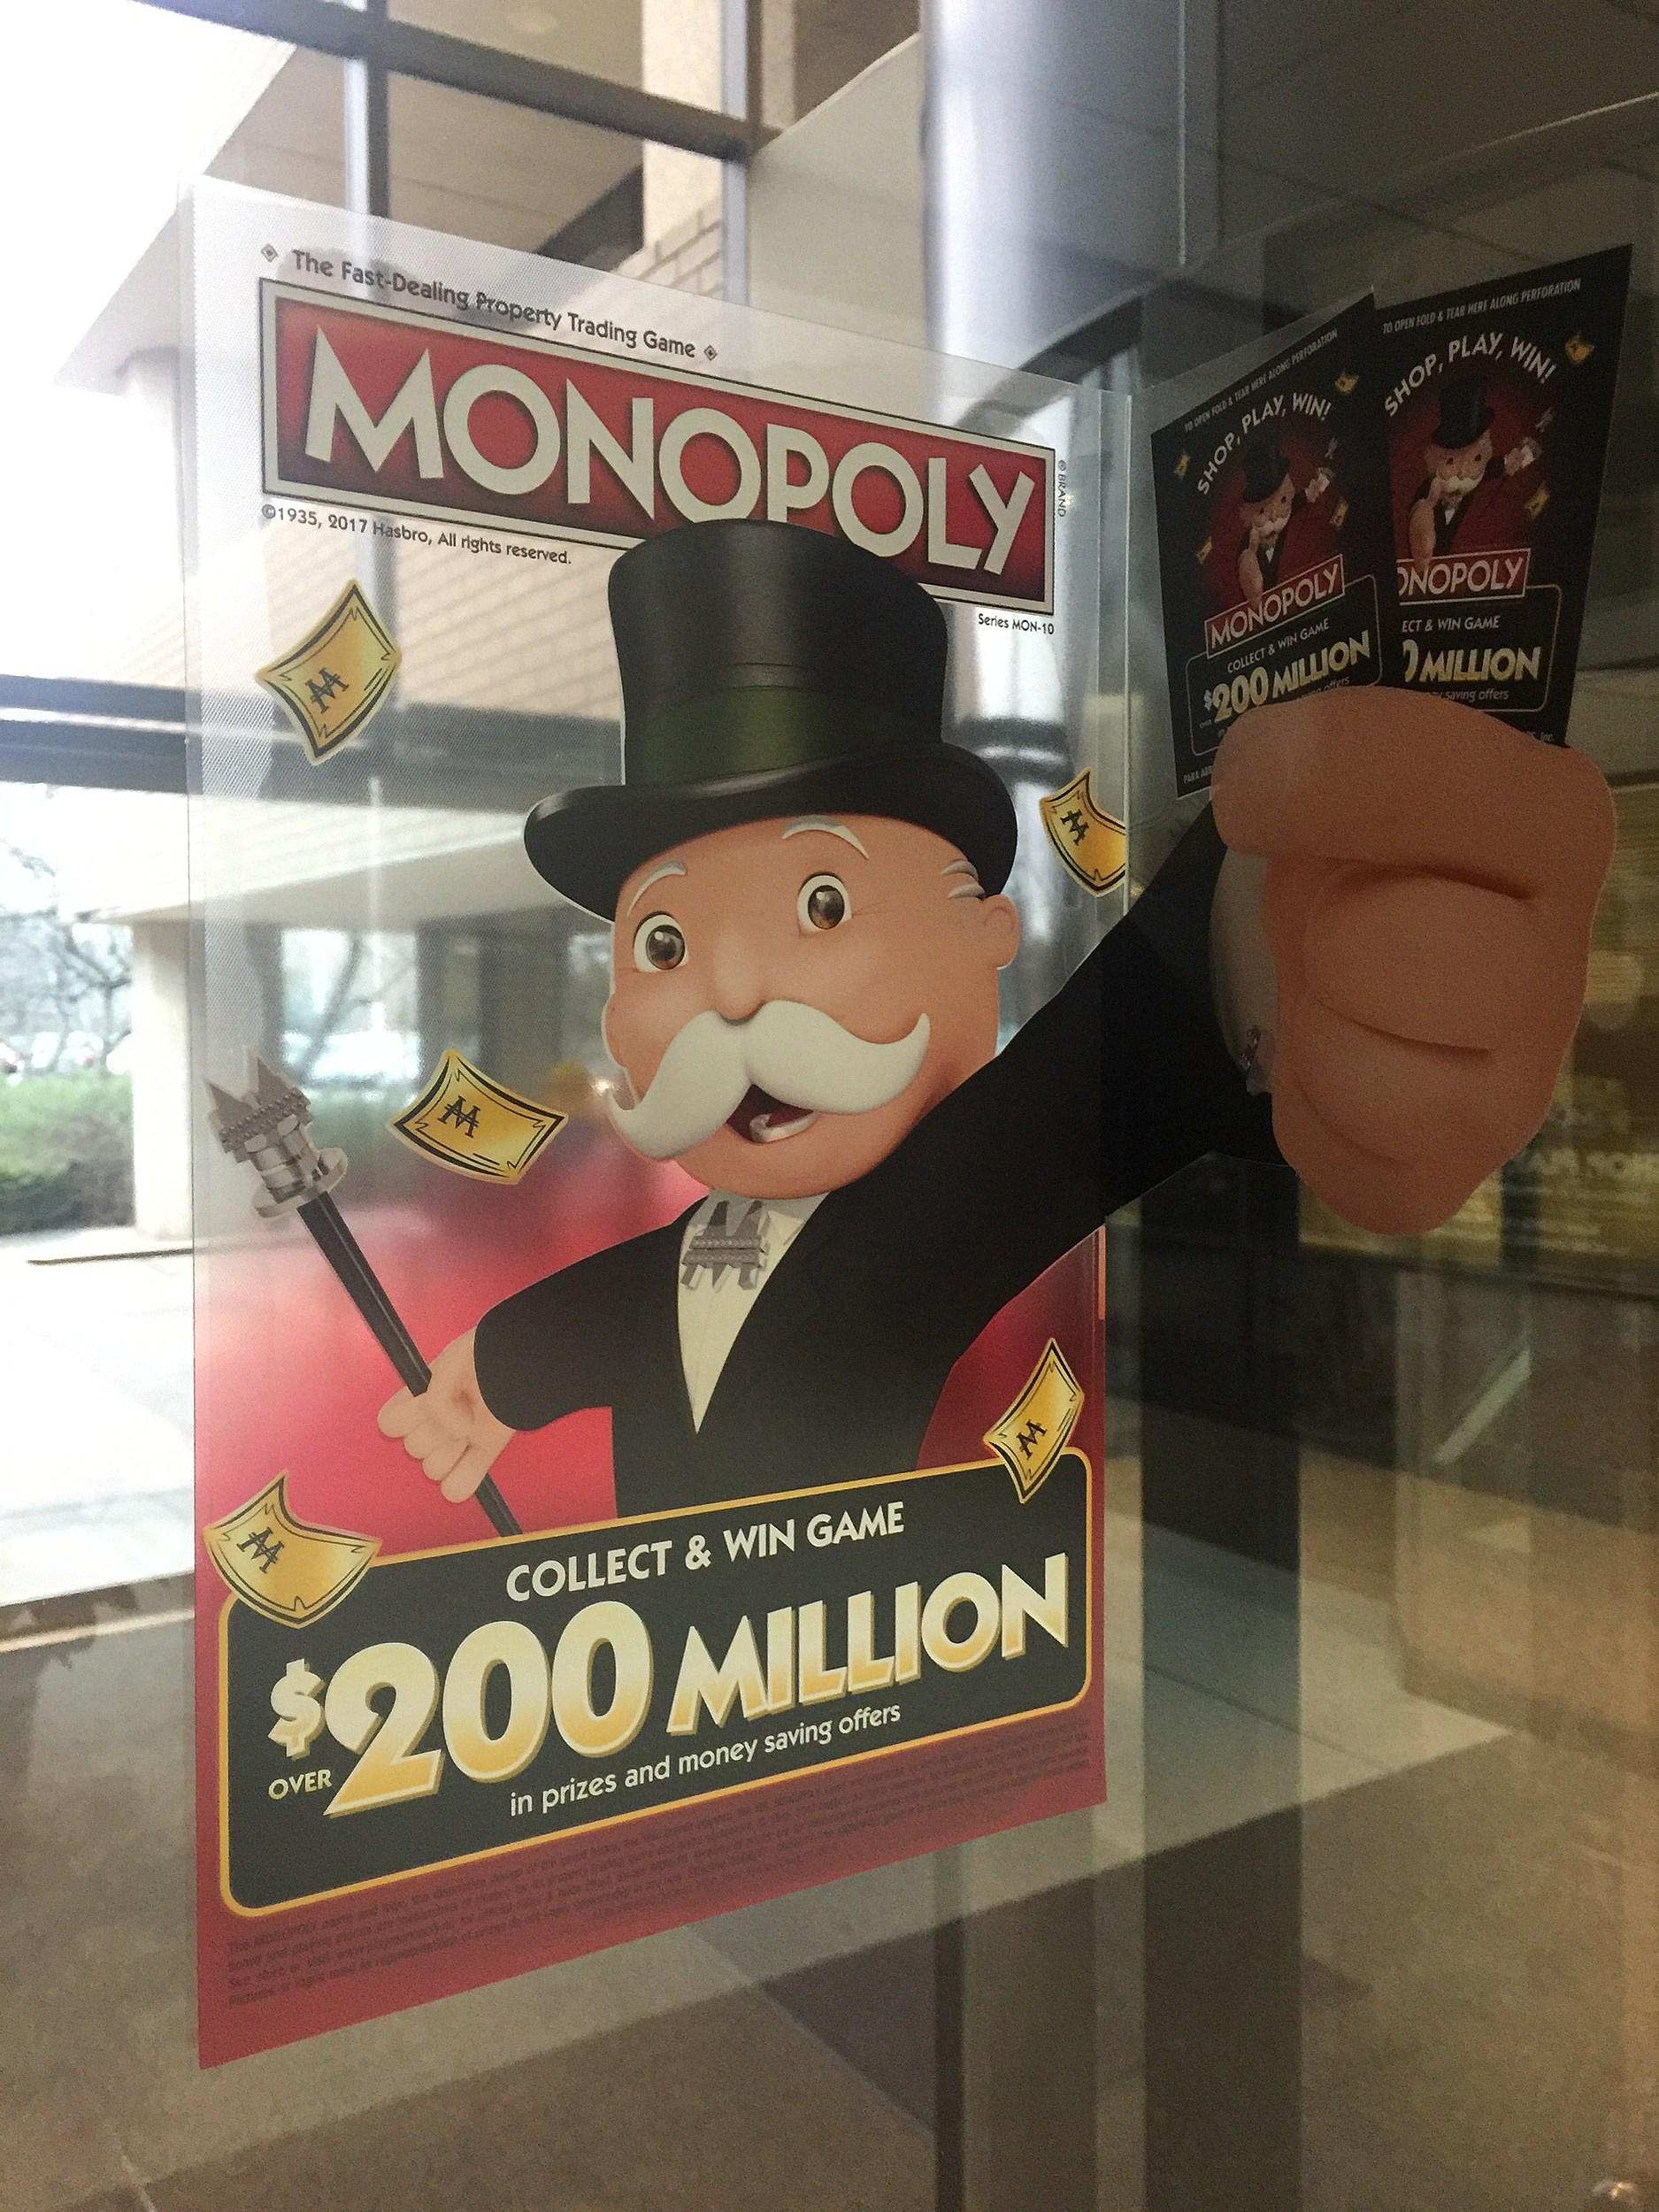 Monopoly window